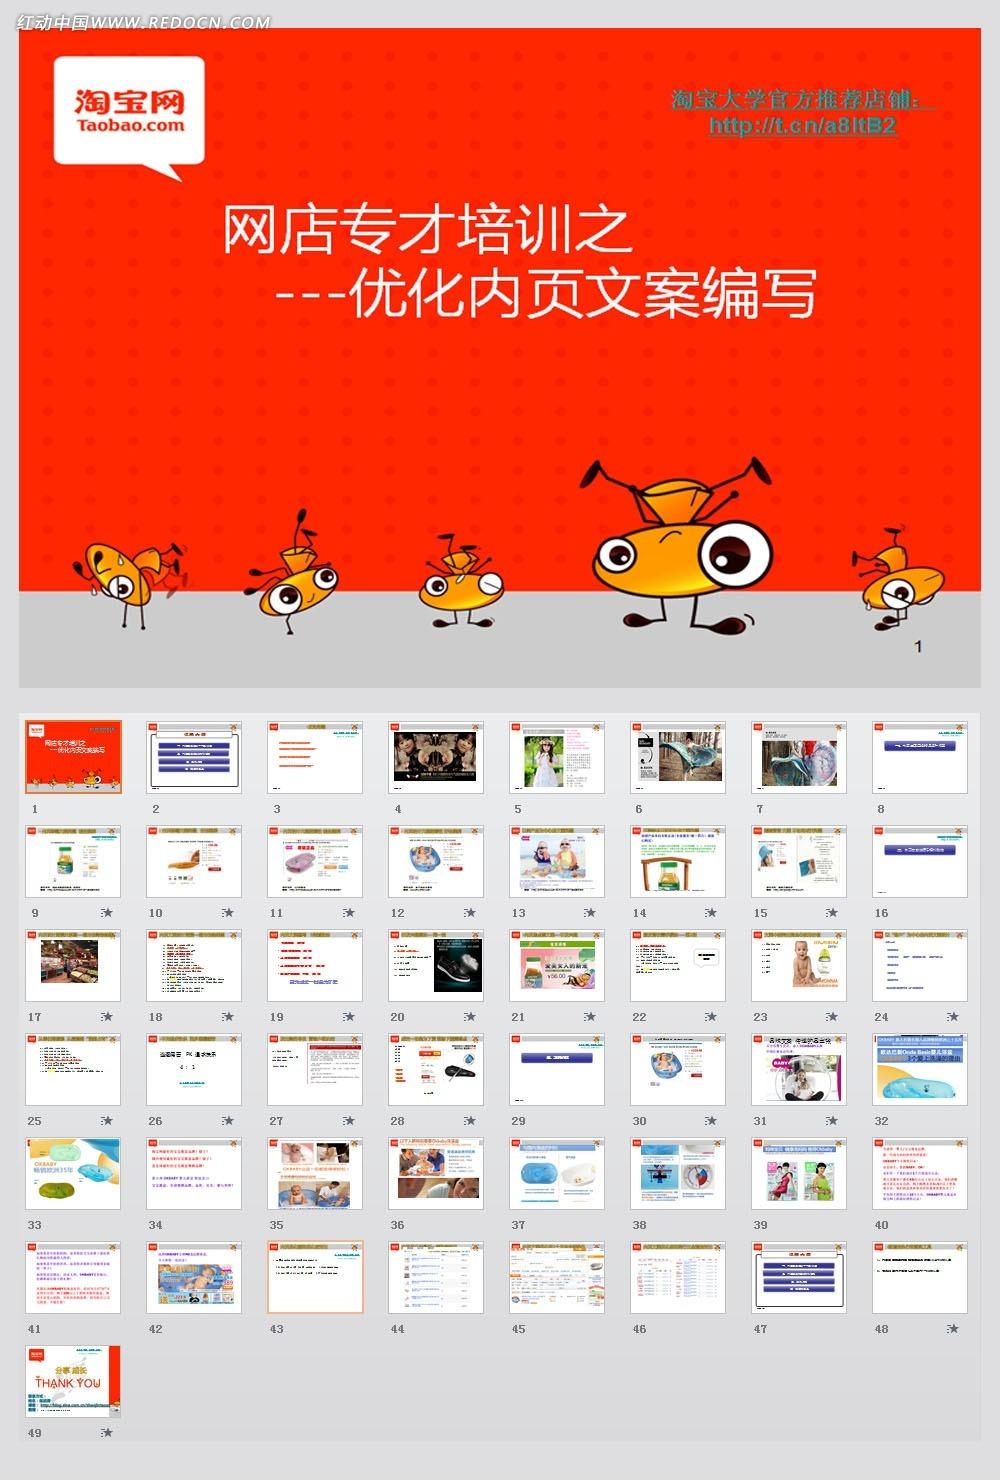 2012淘宝大学 宝贝详情内页文案写作ppt模板素材免费下载 编号